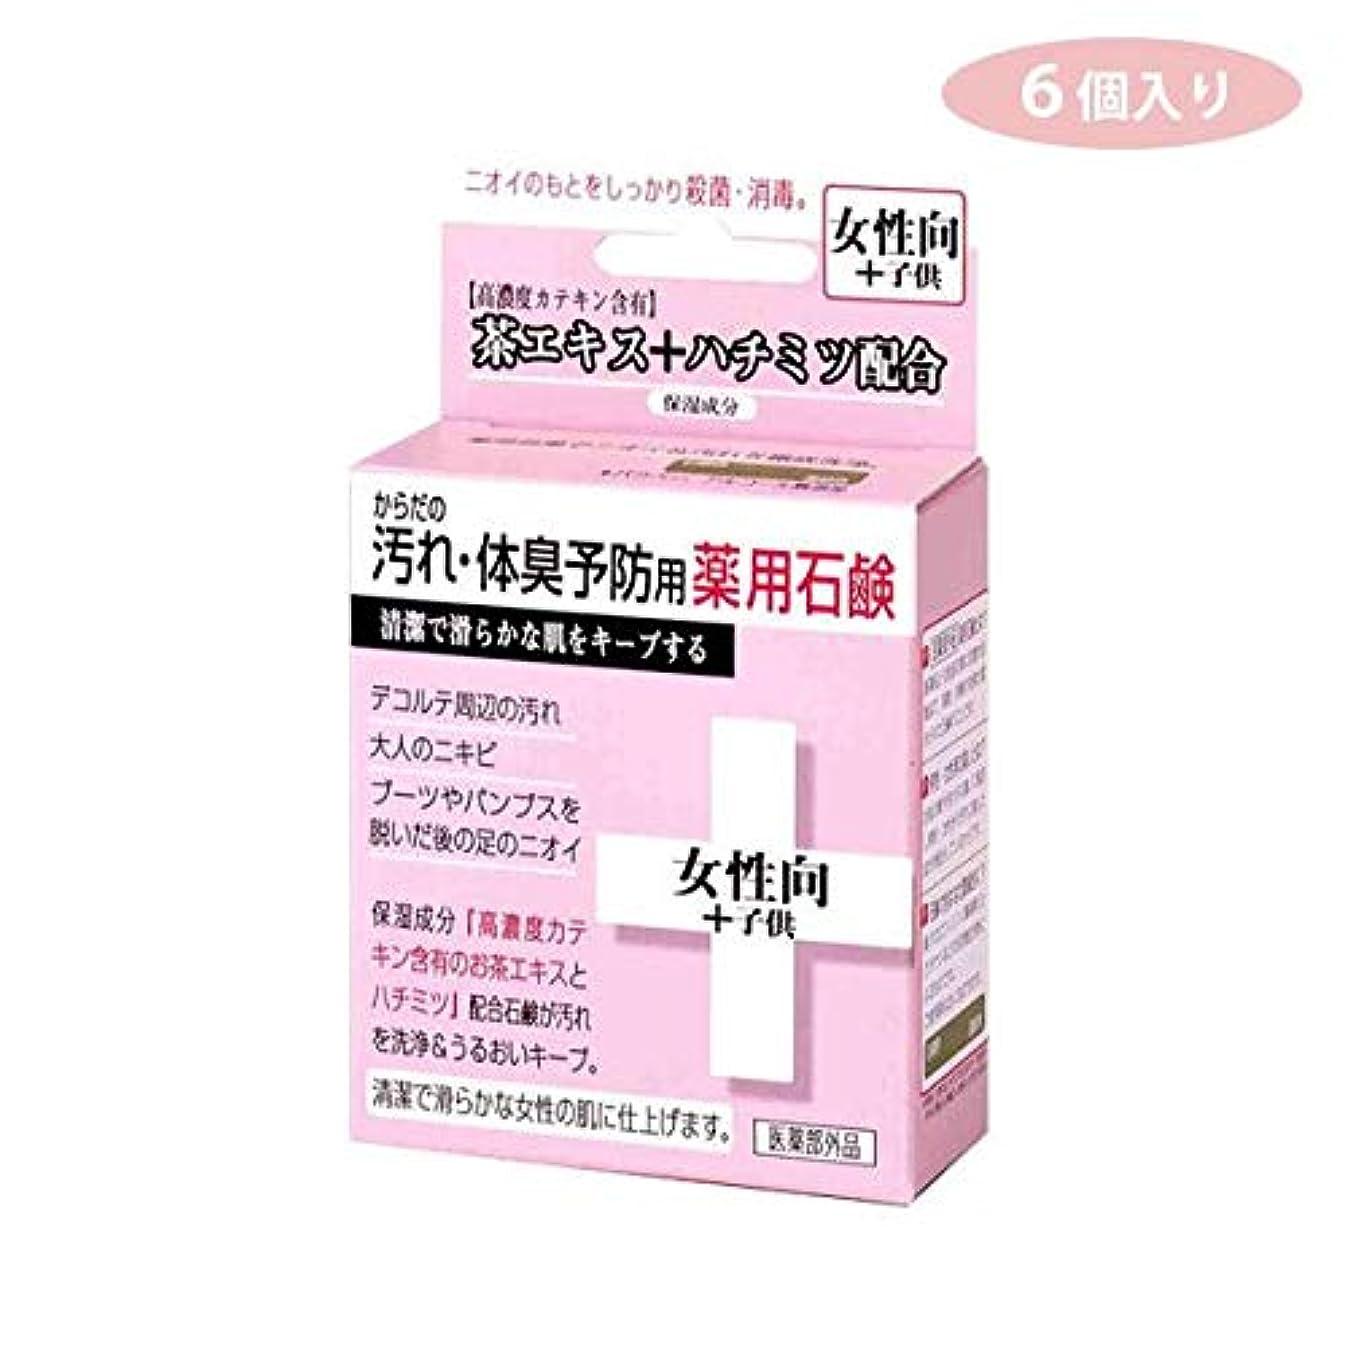 見積りインペリアル卵CTY-SF 6個入り からだの汚れ?体臭予防用 薬用石鹸 女性向き